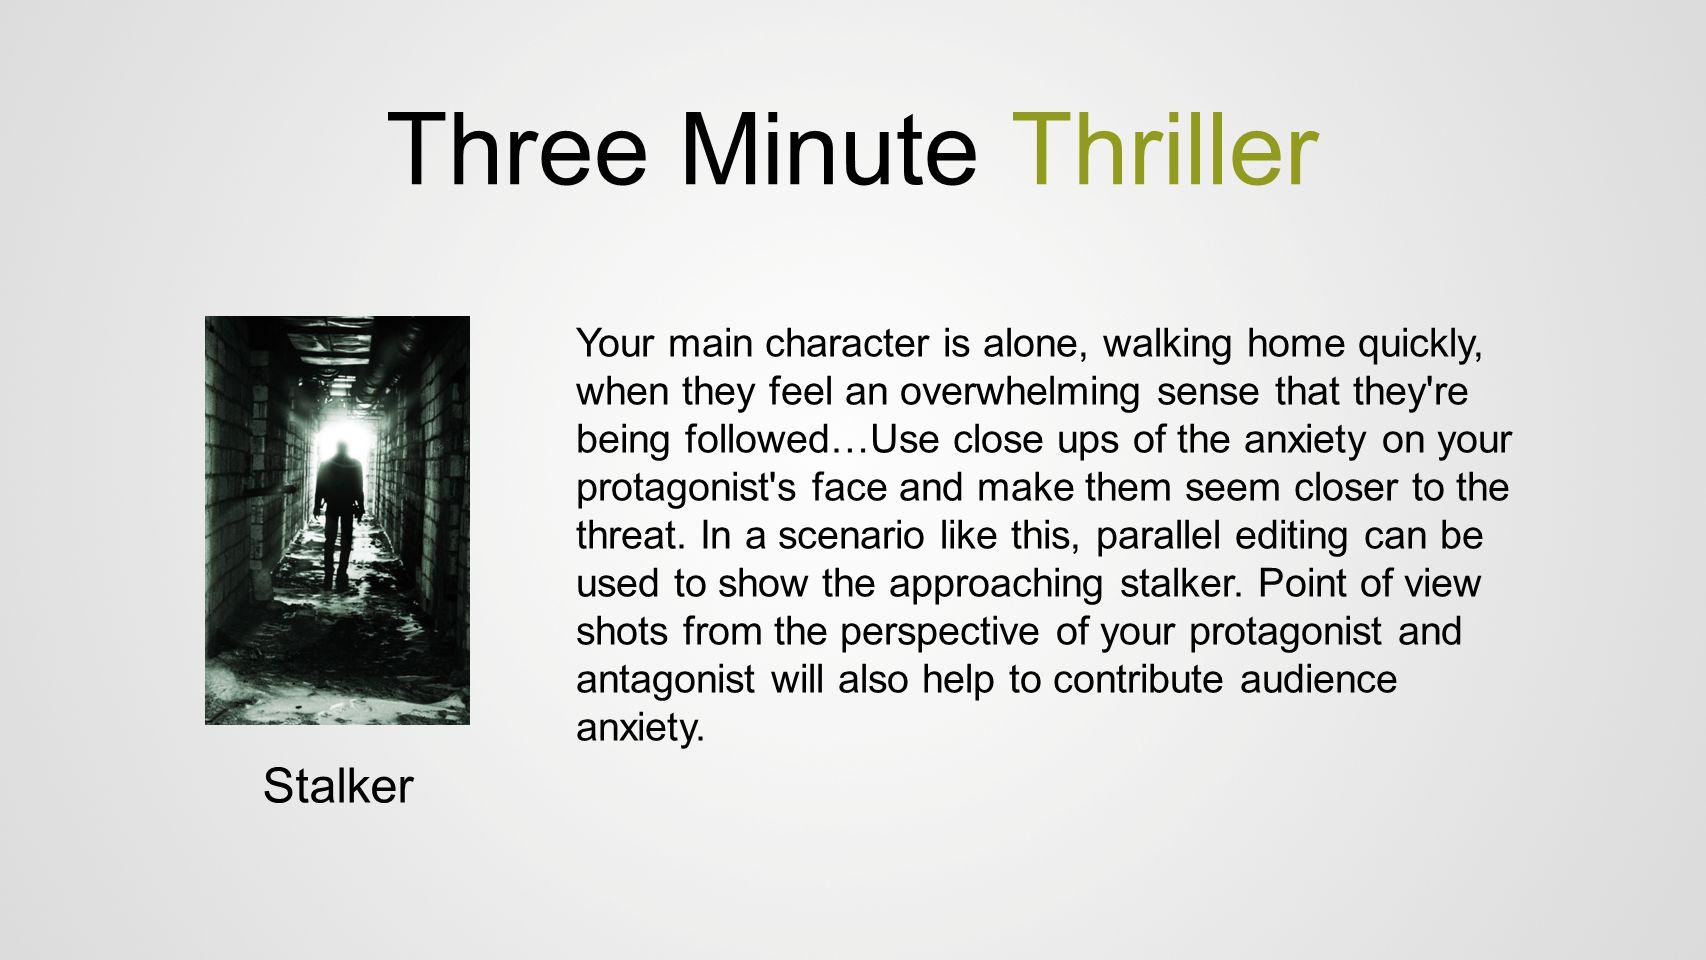 Three Minute Thriller Stalker